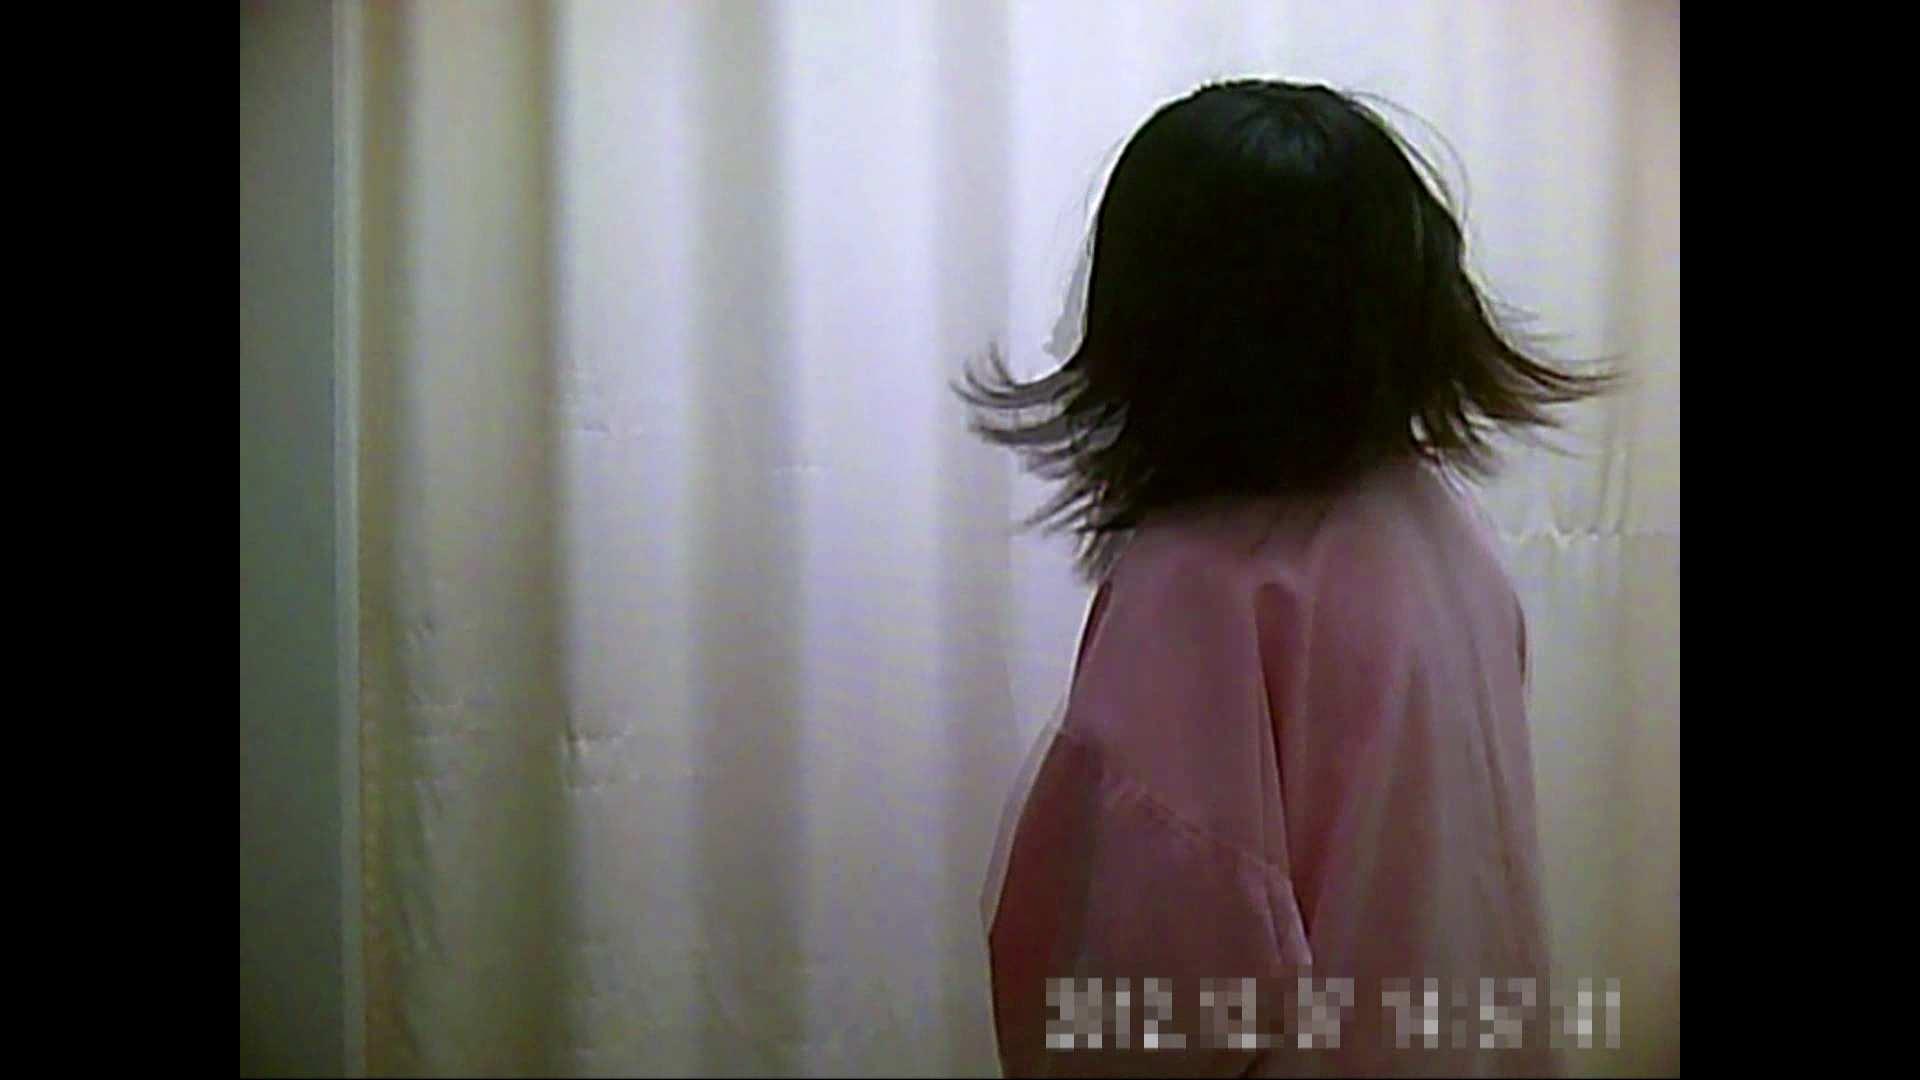 元医者による反抗 更衣室地獄絵巻 vol.126 OLハメ撮り  101Pix 75